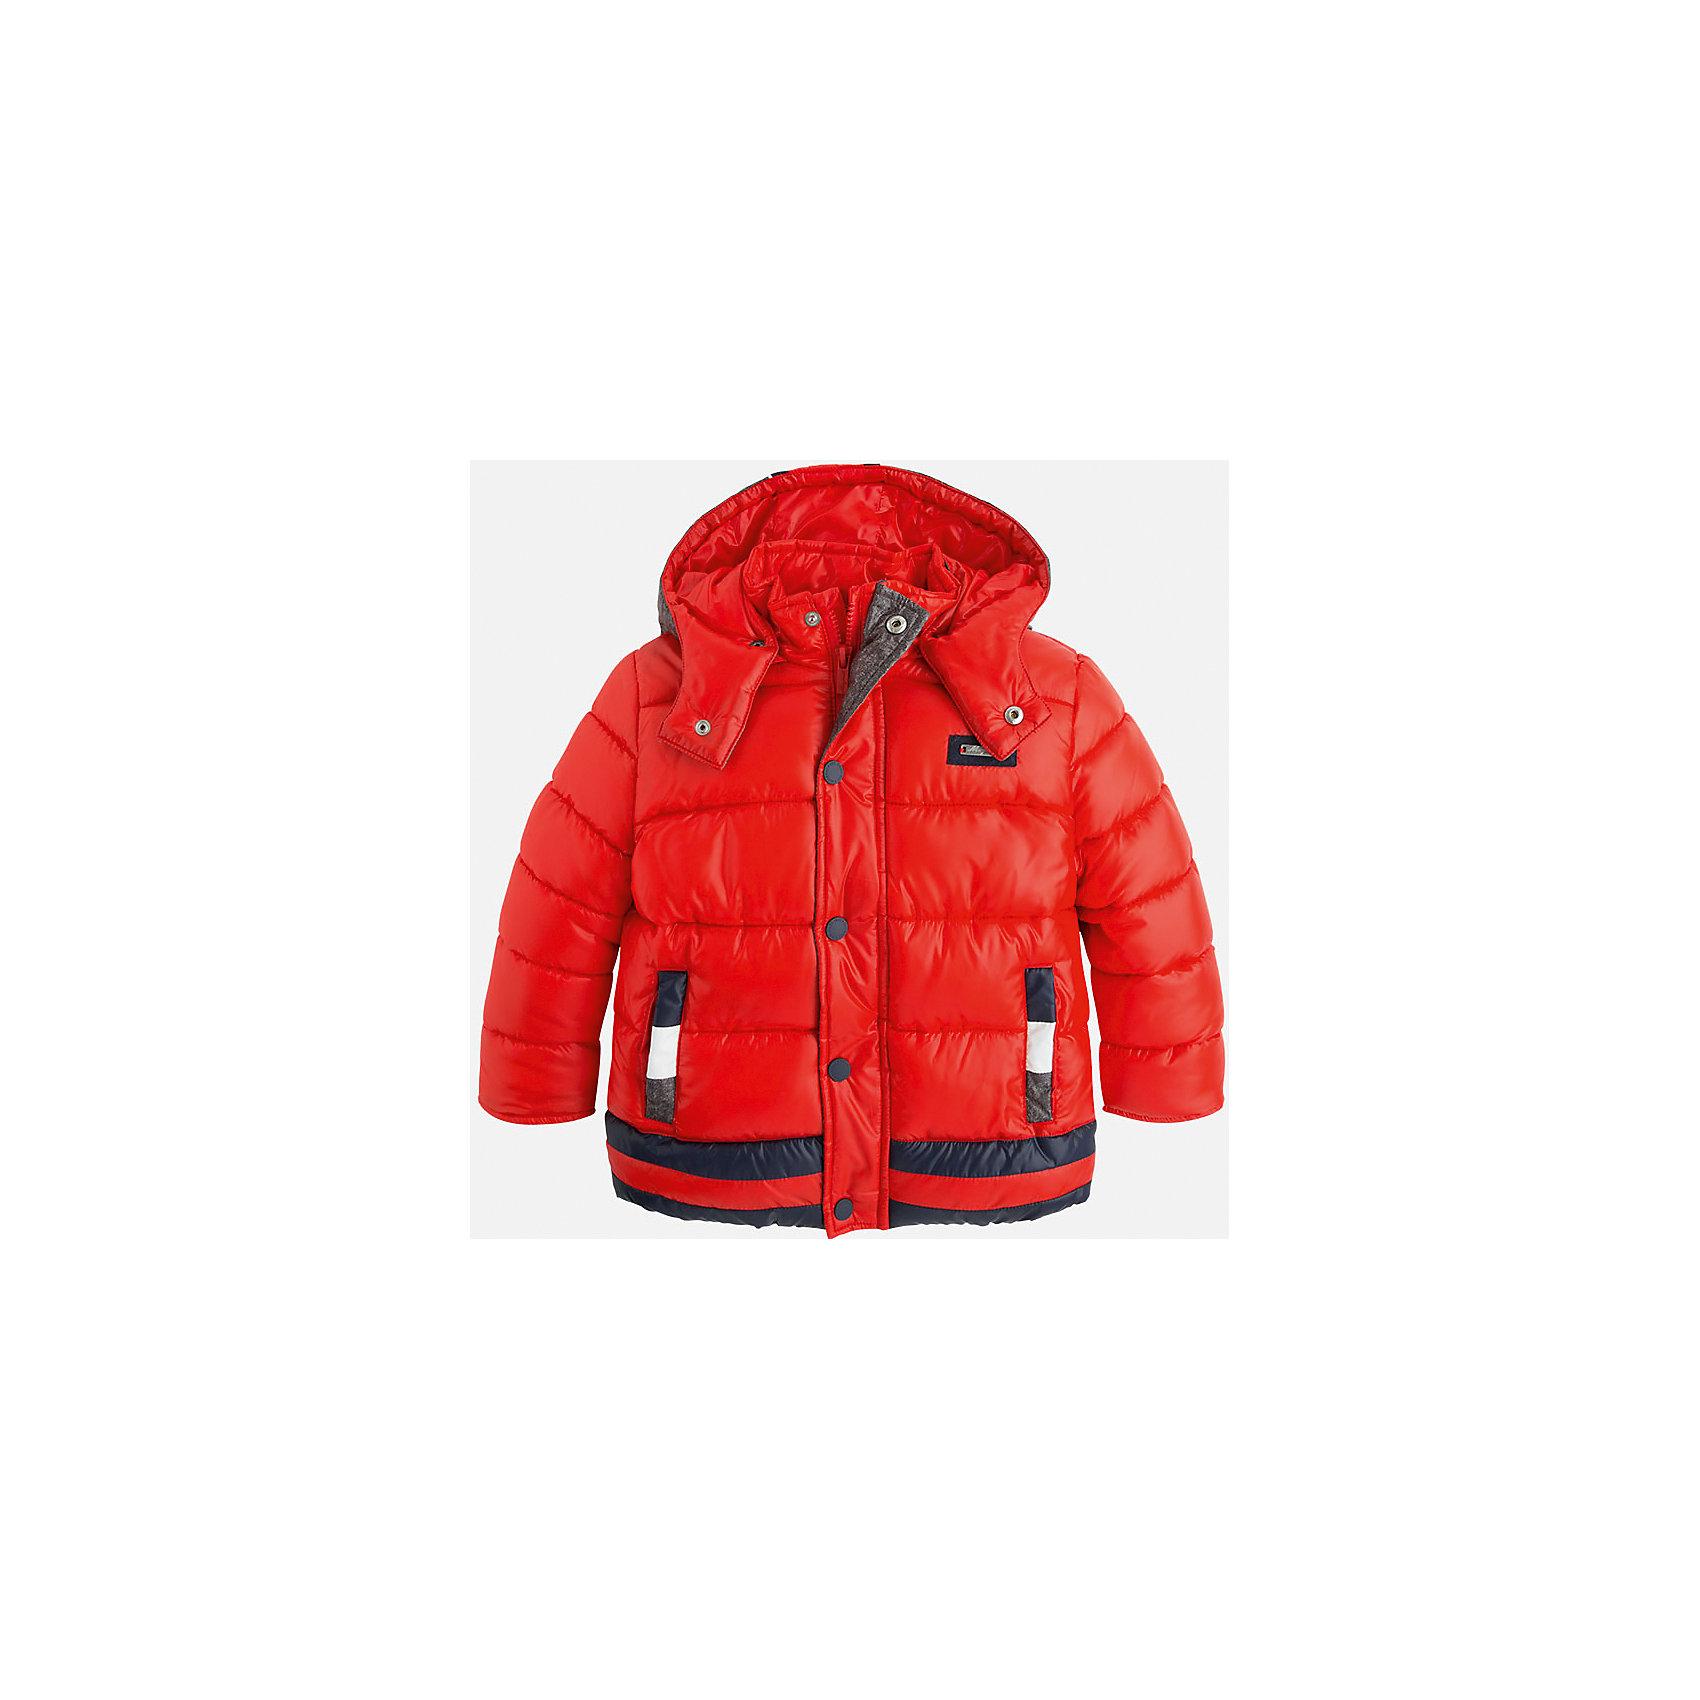 Куртка для мальчика MayoralСтильная, теплая осенняя куртка для юного джентльмена!<br>Порадуйте своего ребенка хорошим подарком!<br><br>Дополнительная информация:<br><br>- Крой: прямой крой, удлиненная модель.<br>- Страна бренда: Испания.<br>- Состав: <br>Верхняя ткань: полиэстер 100%.<br>Подкладка: полиэстер 100%.<br>Наполнитель: полиэстер 100%.<br>- Цвет: красный.<br>- Уход: бережная стирка при 30 градусах.<br><br>Купить куртку для мальчика Mayoral можно в нашем магазине.<br><br>Ширина мм: 356<br>Глубина мм: 10<br>Высота мм: 245<br>Вес г: 519<br>Цвет: коричневый<br>Возраст от месяцев: 24<br>Возраст до месяцев: 36<br>Пол: Мужской<br>Возраст: Детский<br>Размер: 98,134,128,122,116,110,104<br>SKU: 4821937